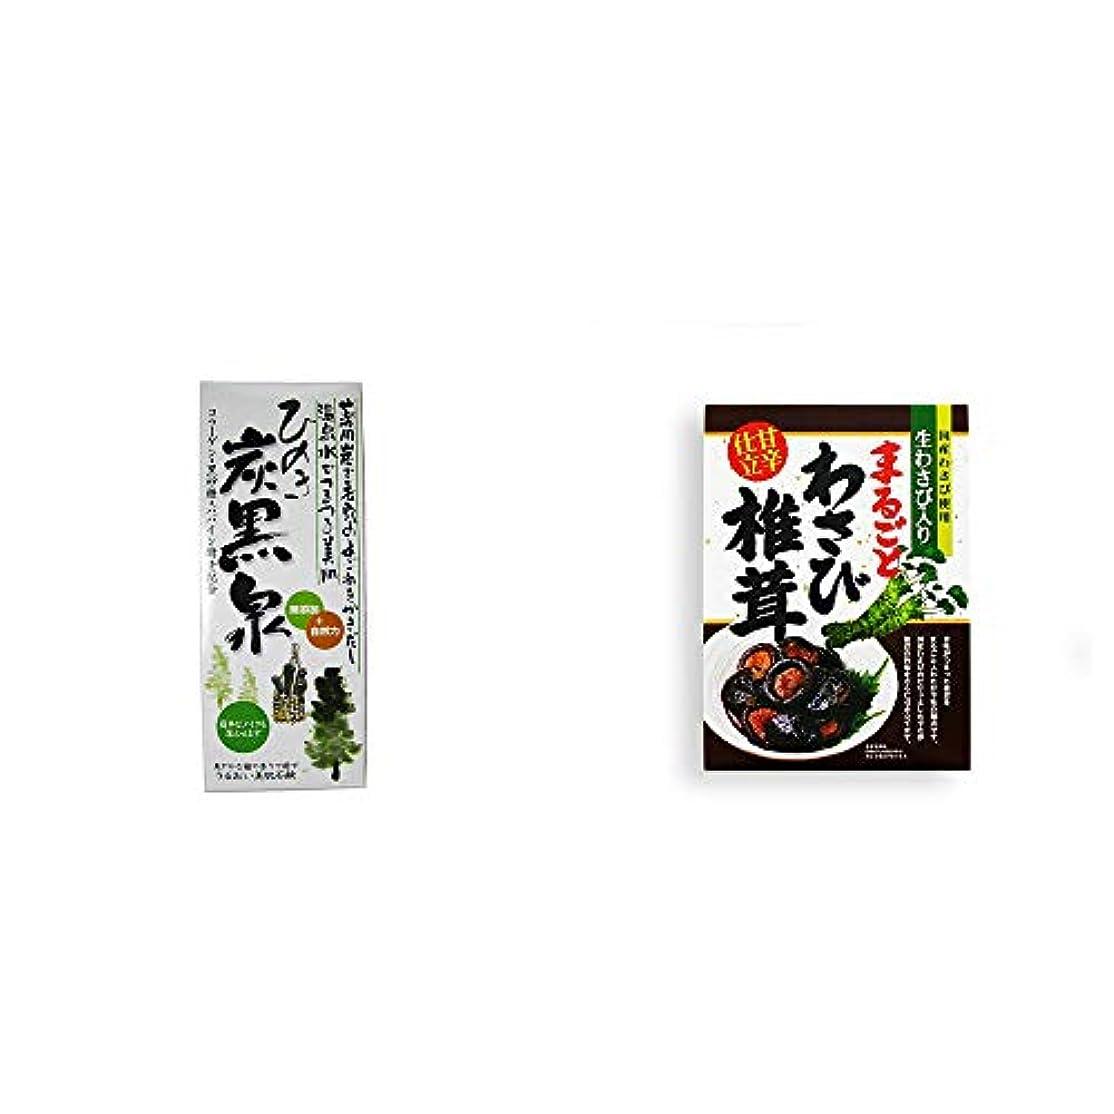 差し引く上向き小間[2点セット] ひのき炭黒泉 箱入り(75g×3)?まるごとわさび椎茸(200g)